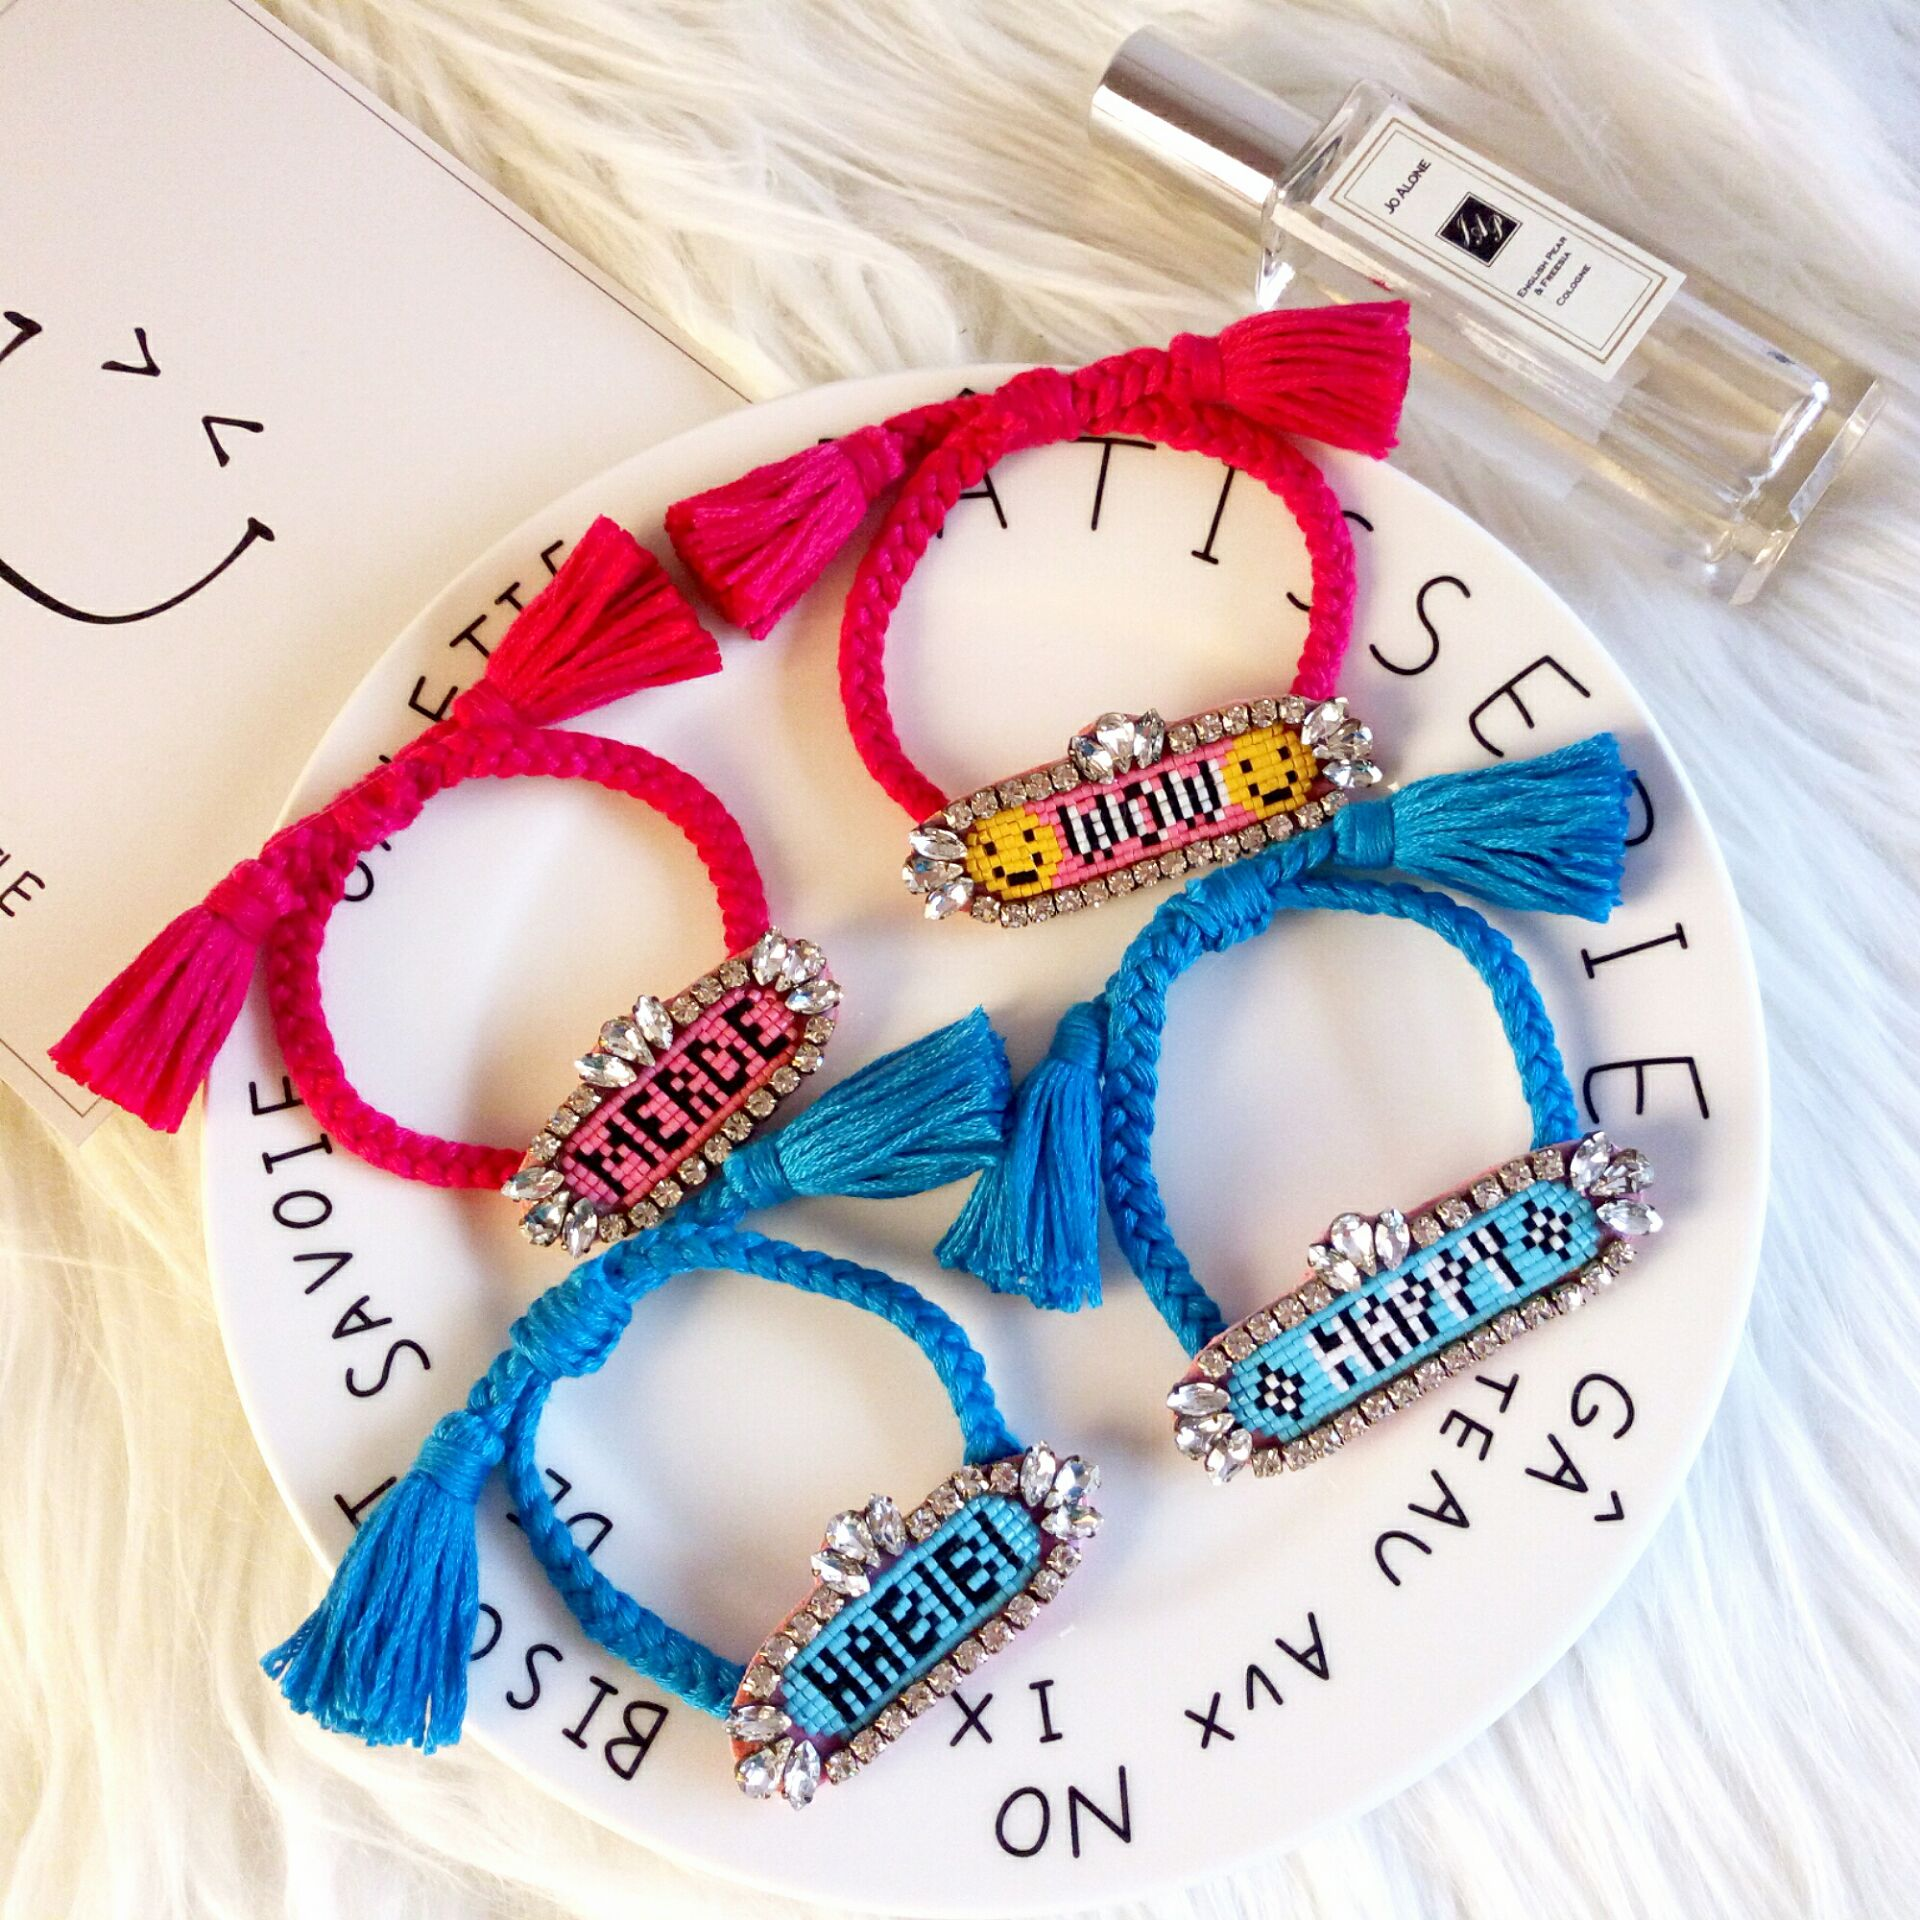 Prix pour 2017 tout-allumette mode candy color série main bracelet shourouk cristal perles coloré femmes corde bracelets bijou mignon manchette